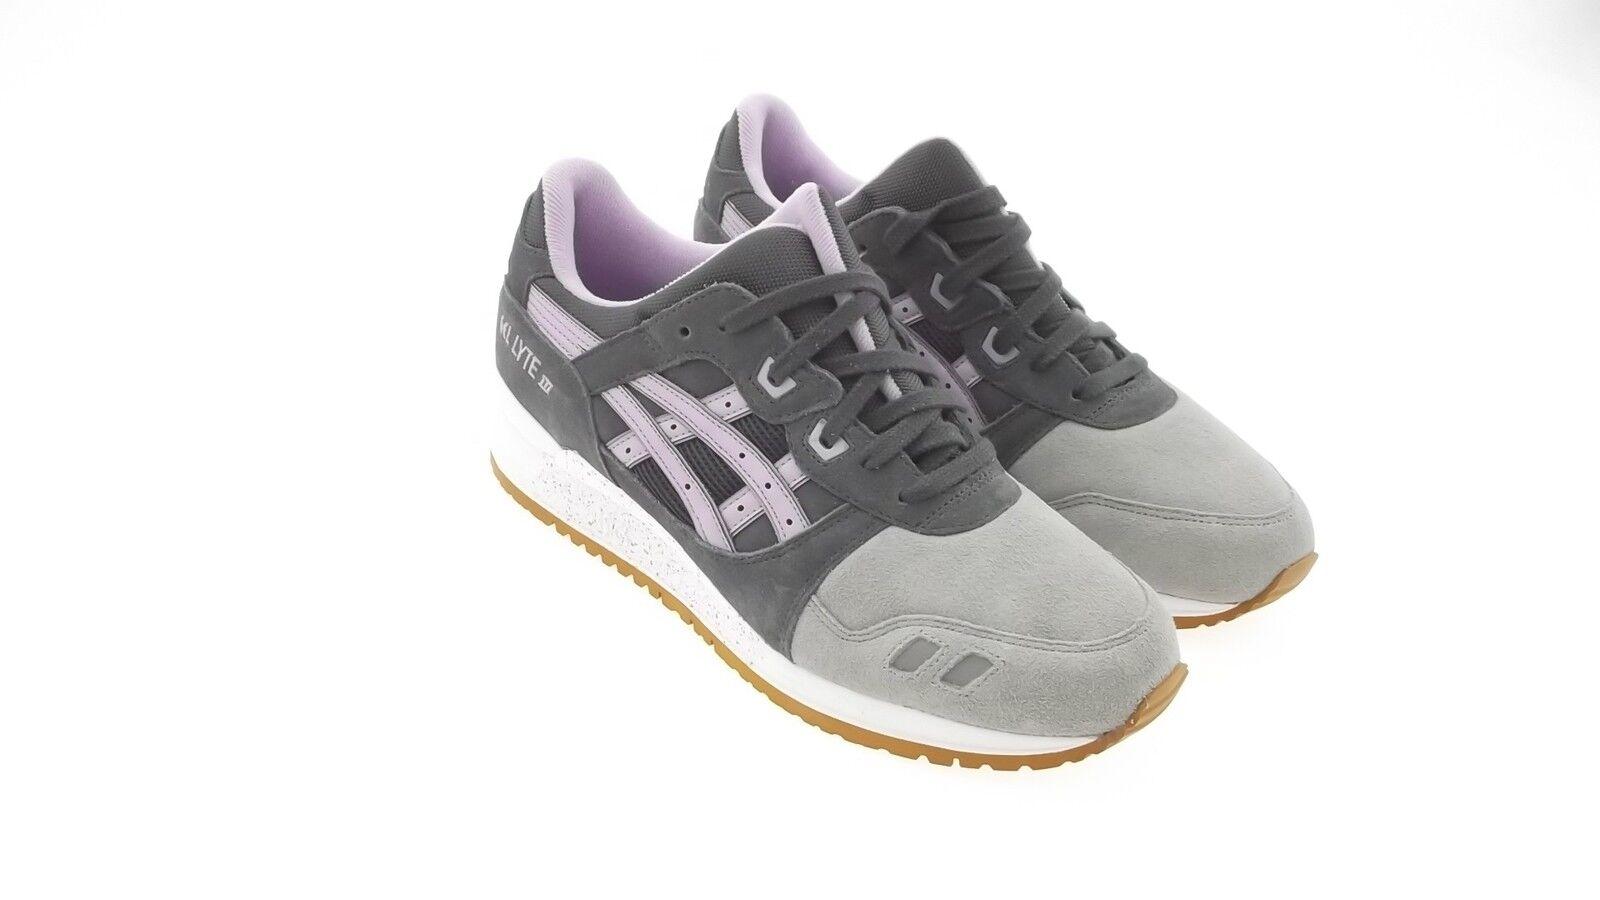 Asics Men Gel Lyte III - Easter Full Bloom Pack grau dark grau sheer lilac H503K